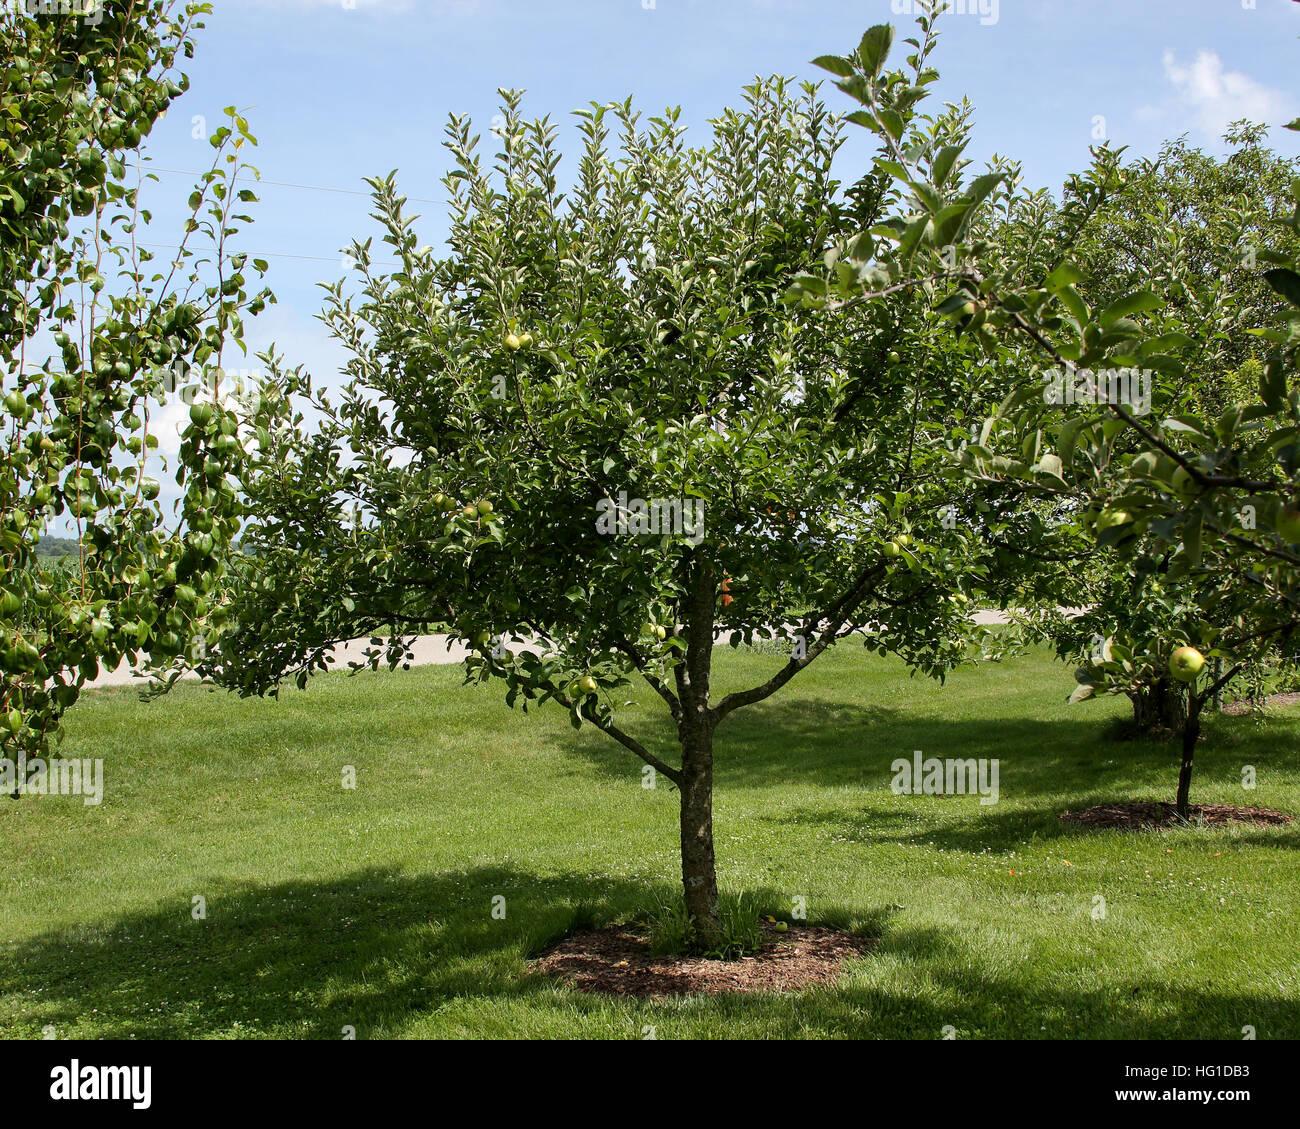 Semi-dwarf Apple Tree In Backyard Orchard In Mid-season